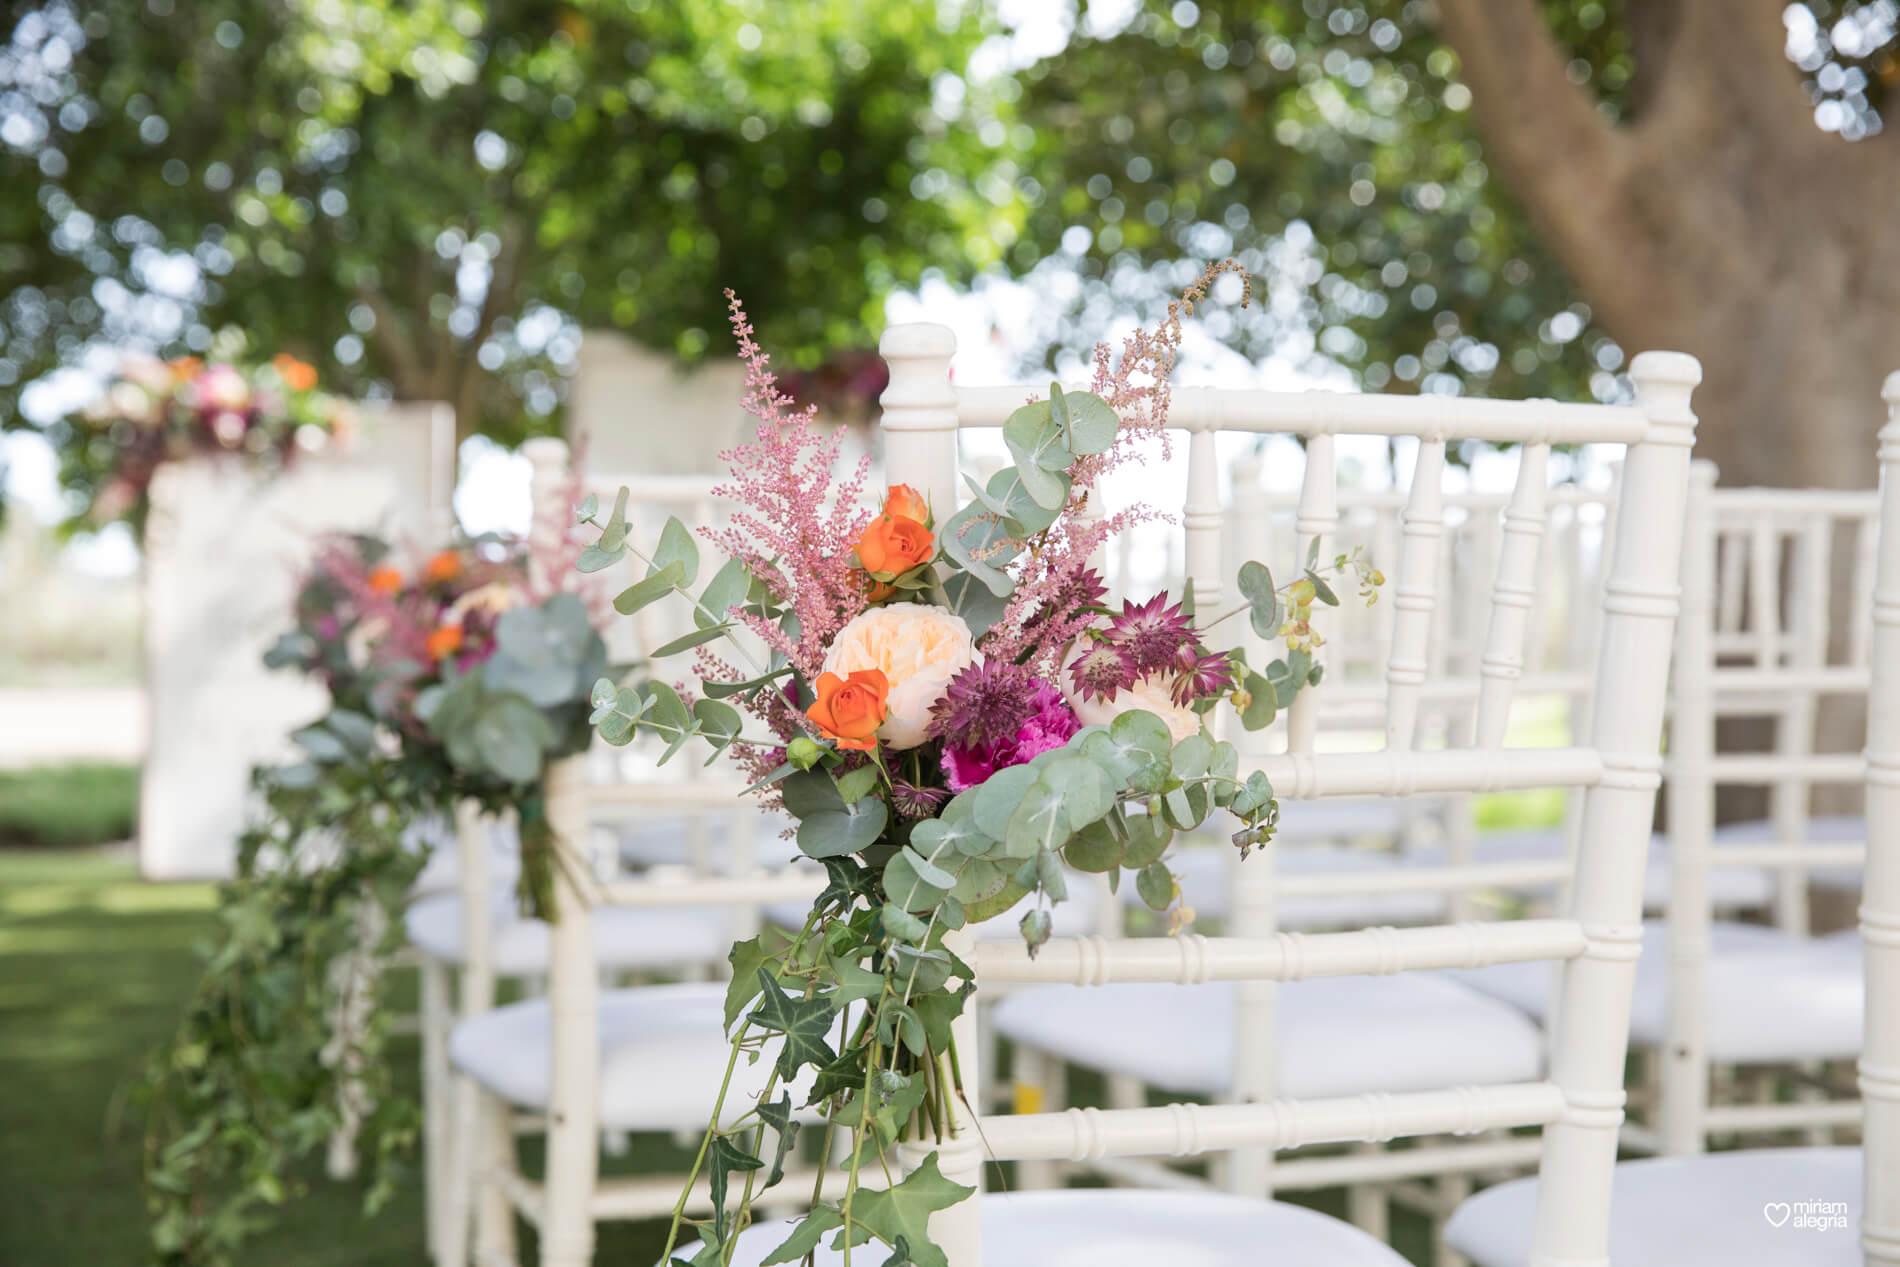 boda-en-finca-villa-vera-de-alemc7-miriam-alegria-fotografos-boda-murcia-96